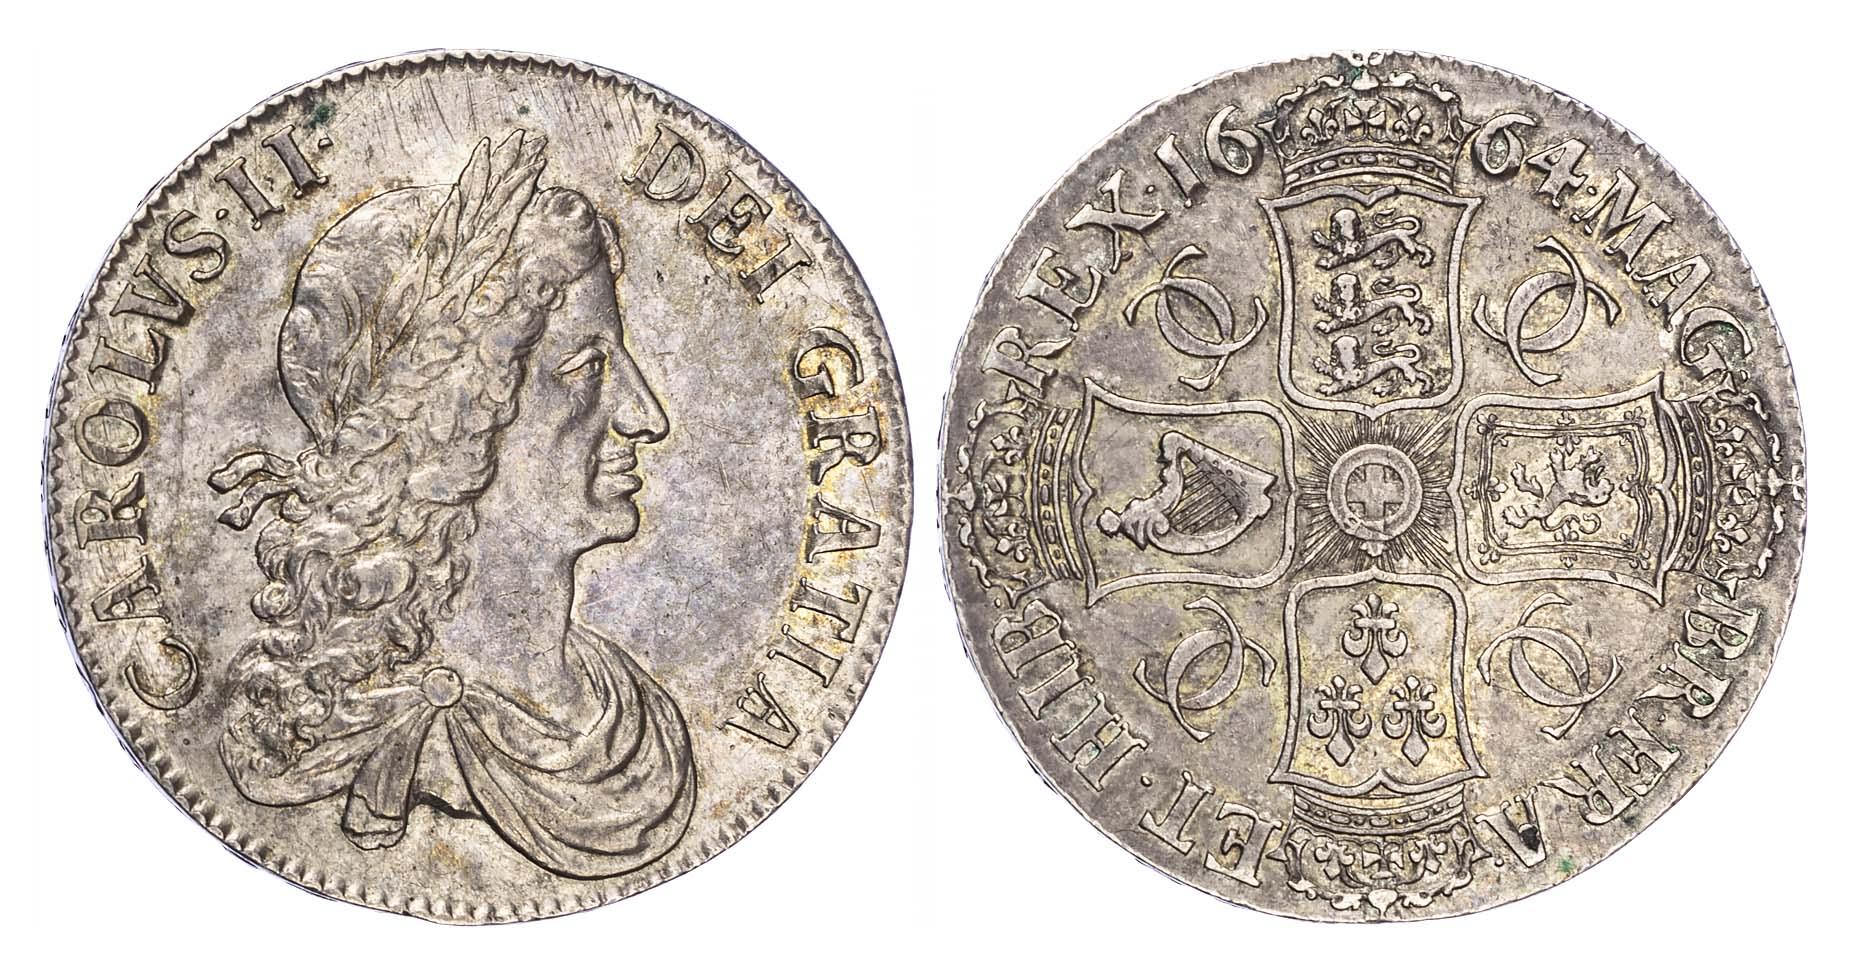 Charles II (1660-85), Crown, 1664, edge XVI